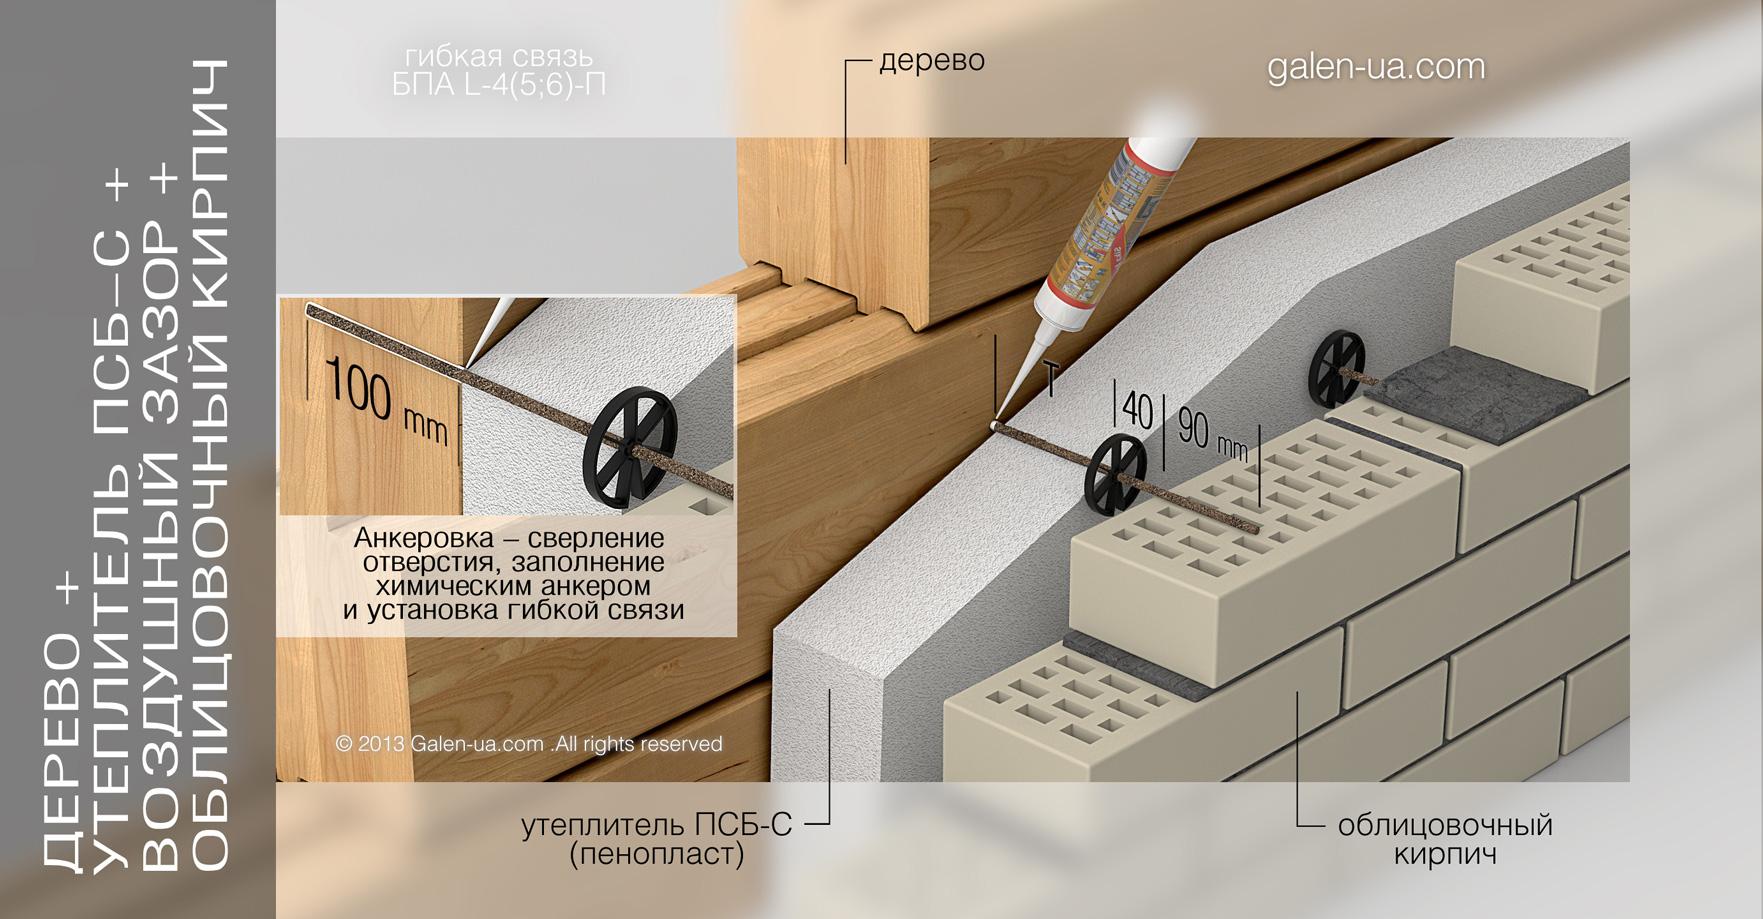 Гибкая связь БПА L-4(5;6)-П: Дерево + Утеплитель ПСБ-С + Воздушный зазор + Облицовочный кирпич